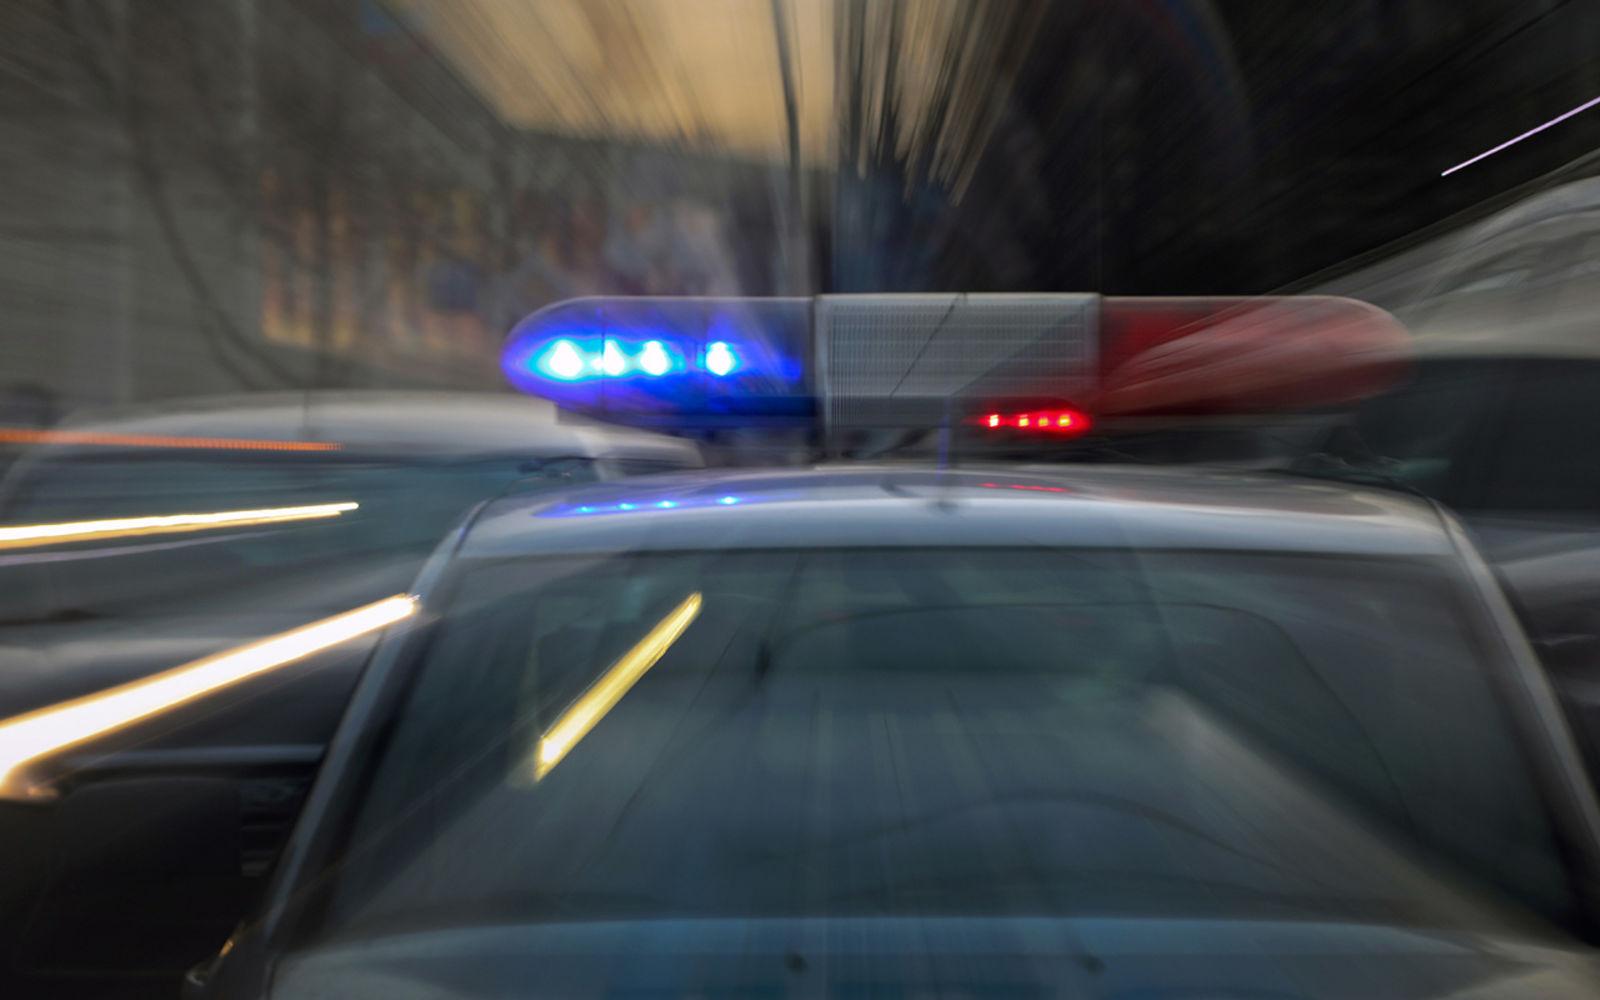 Пьяный водитель сбил девятерых полицейских. Трое в больнице